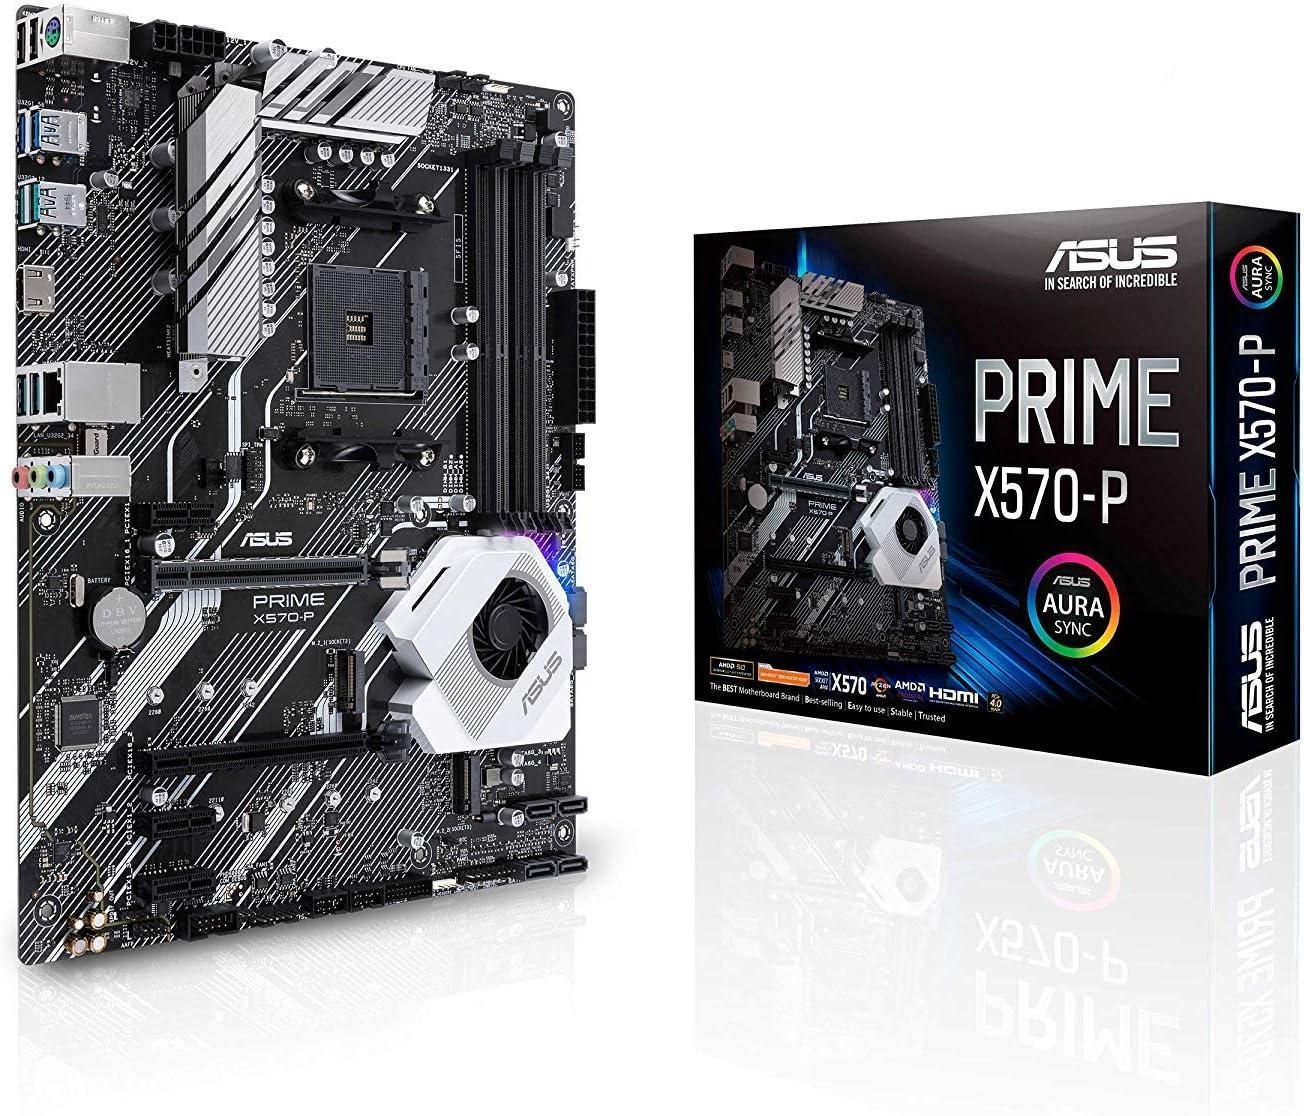 ASUS PRIME X570-P - Placa base ATX AMD AM4 con PCIe 4.0, 12 etapas de potencia DrMOS, DDR4 4400MHz, dos M.2, HDMI, SATA 6 Gb/sy conector USB 3.2 Gen. ...